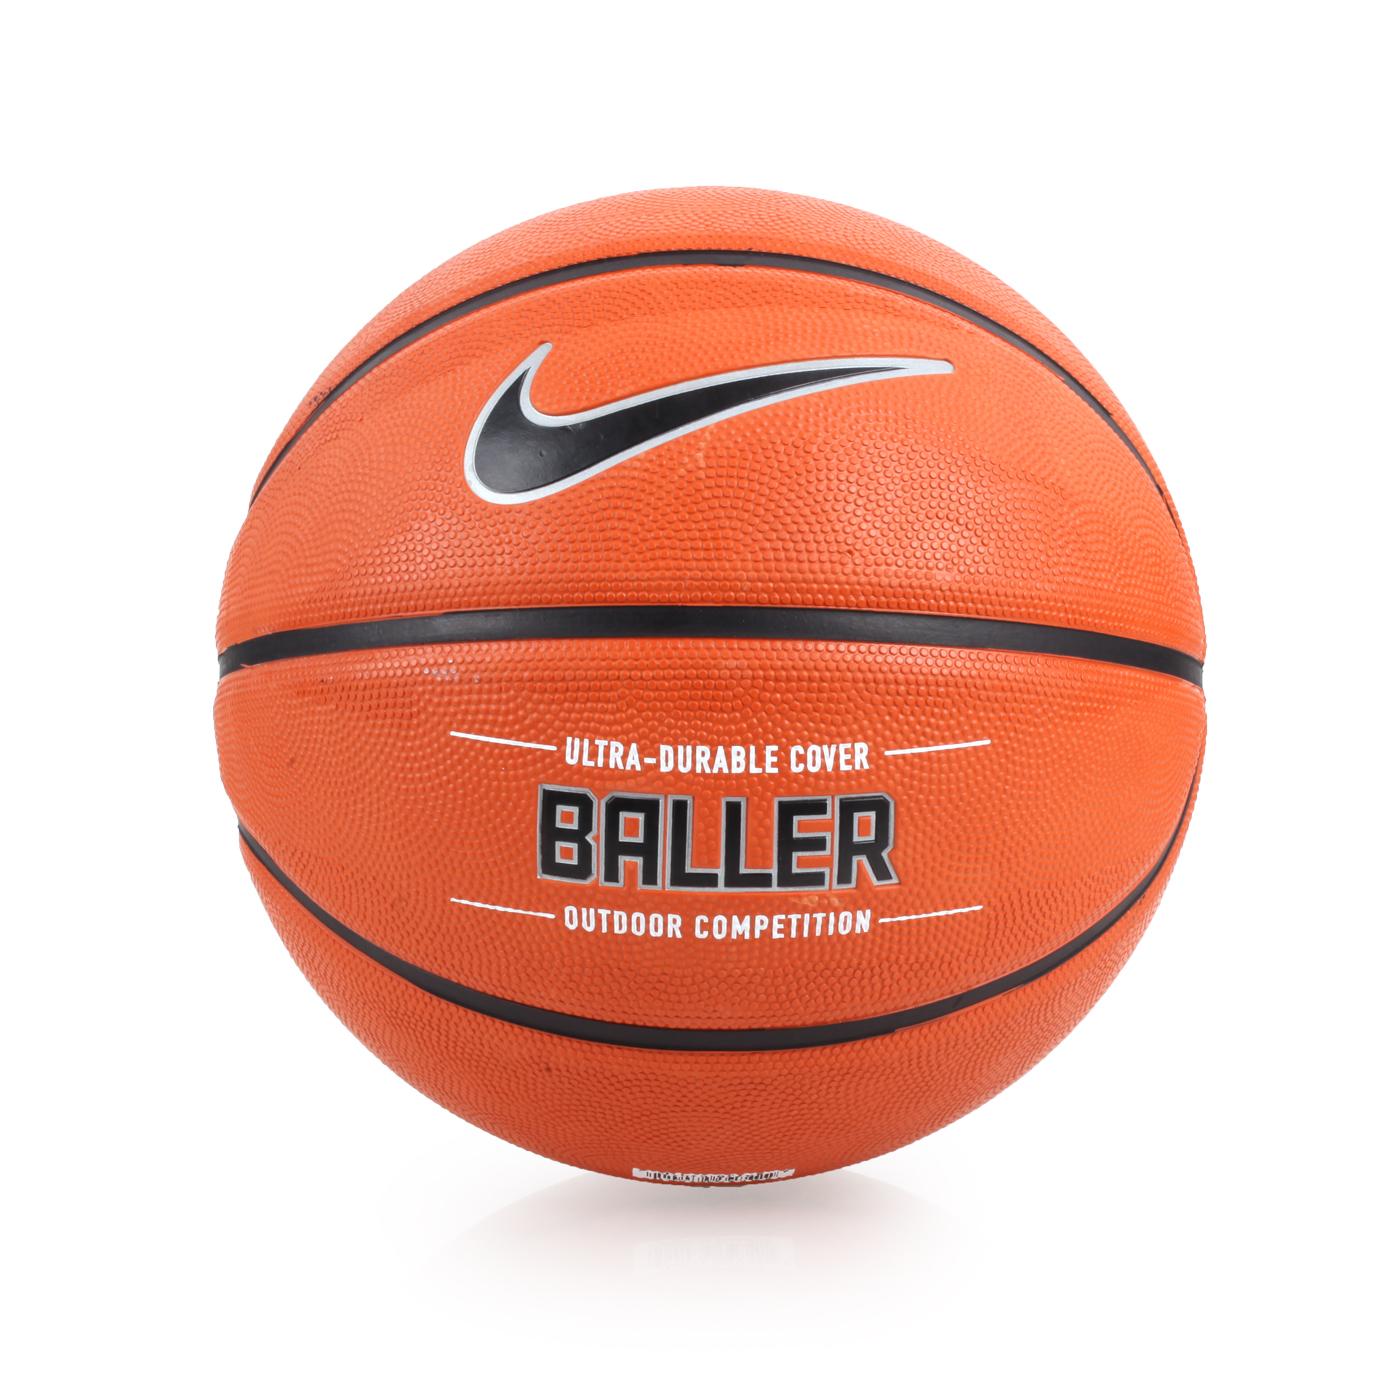 NIKE BALLER 7號籃球 NKI3285507